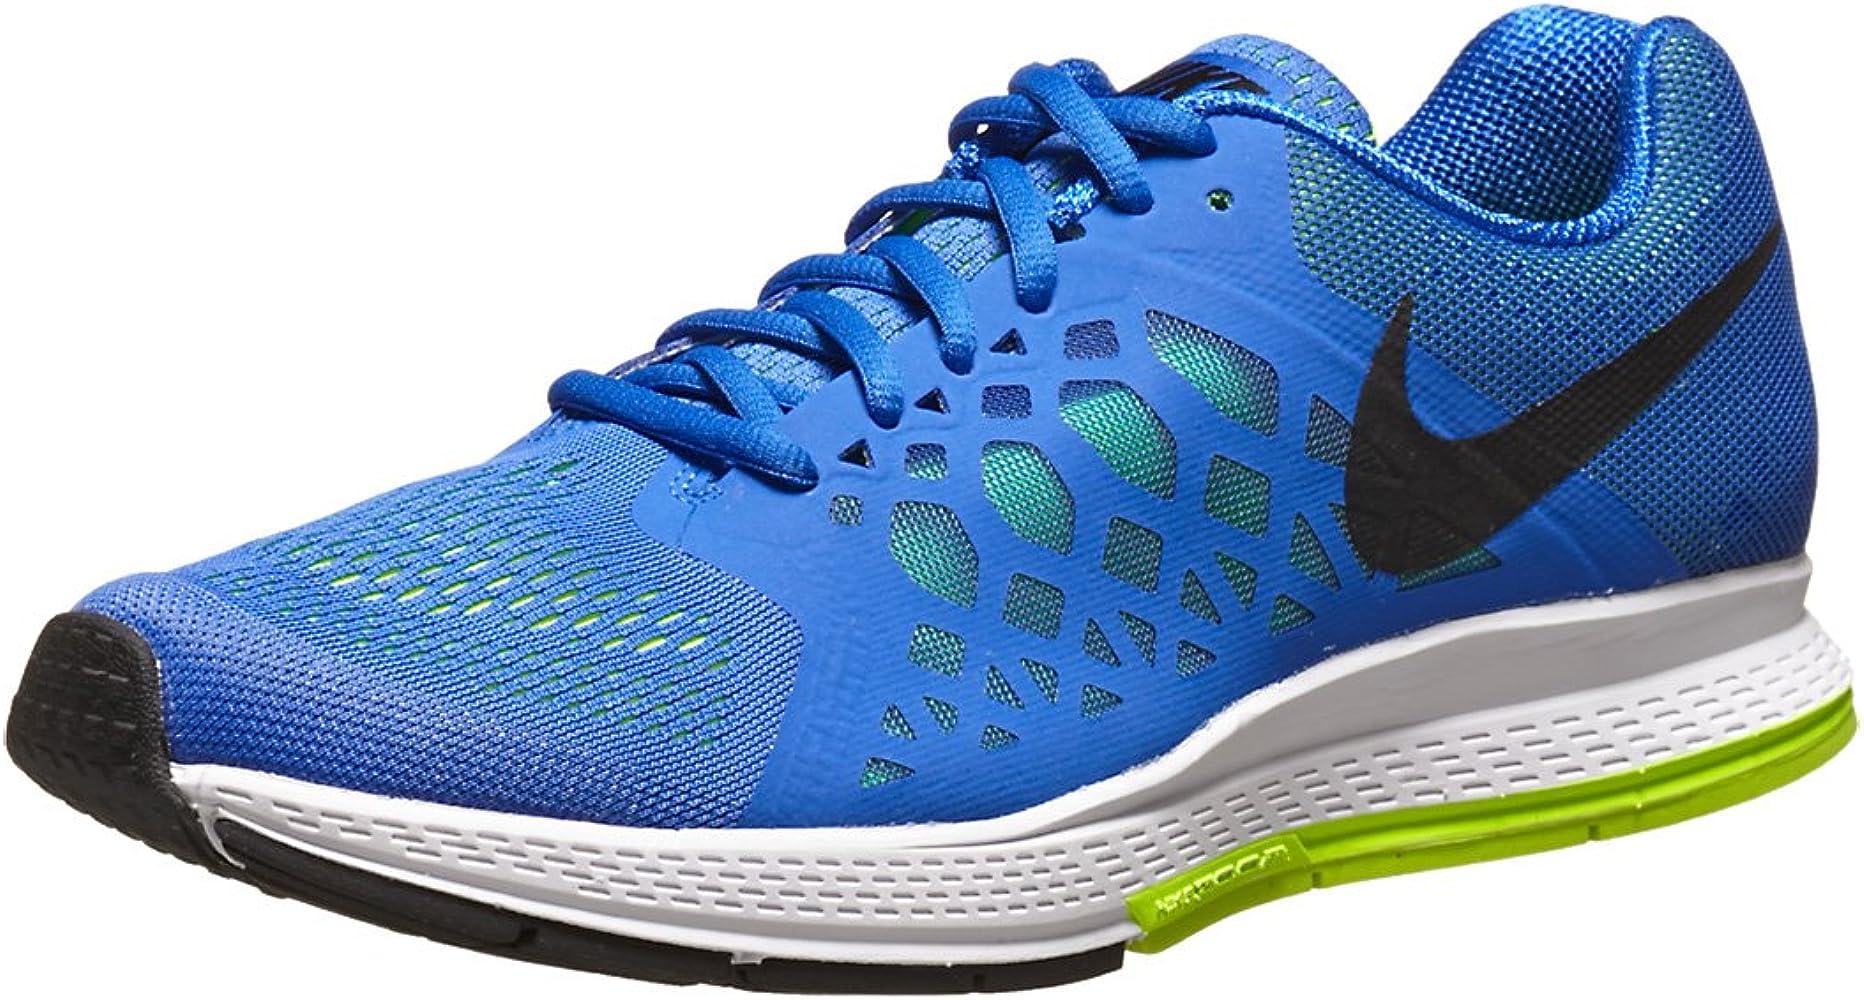 Nike Air Zoom Pegasus 31, Zapatillas de Running para Hombre, Azul/Blanco/Verde/Negro, 44 EU: Amazon.es: Zapatos y complementos